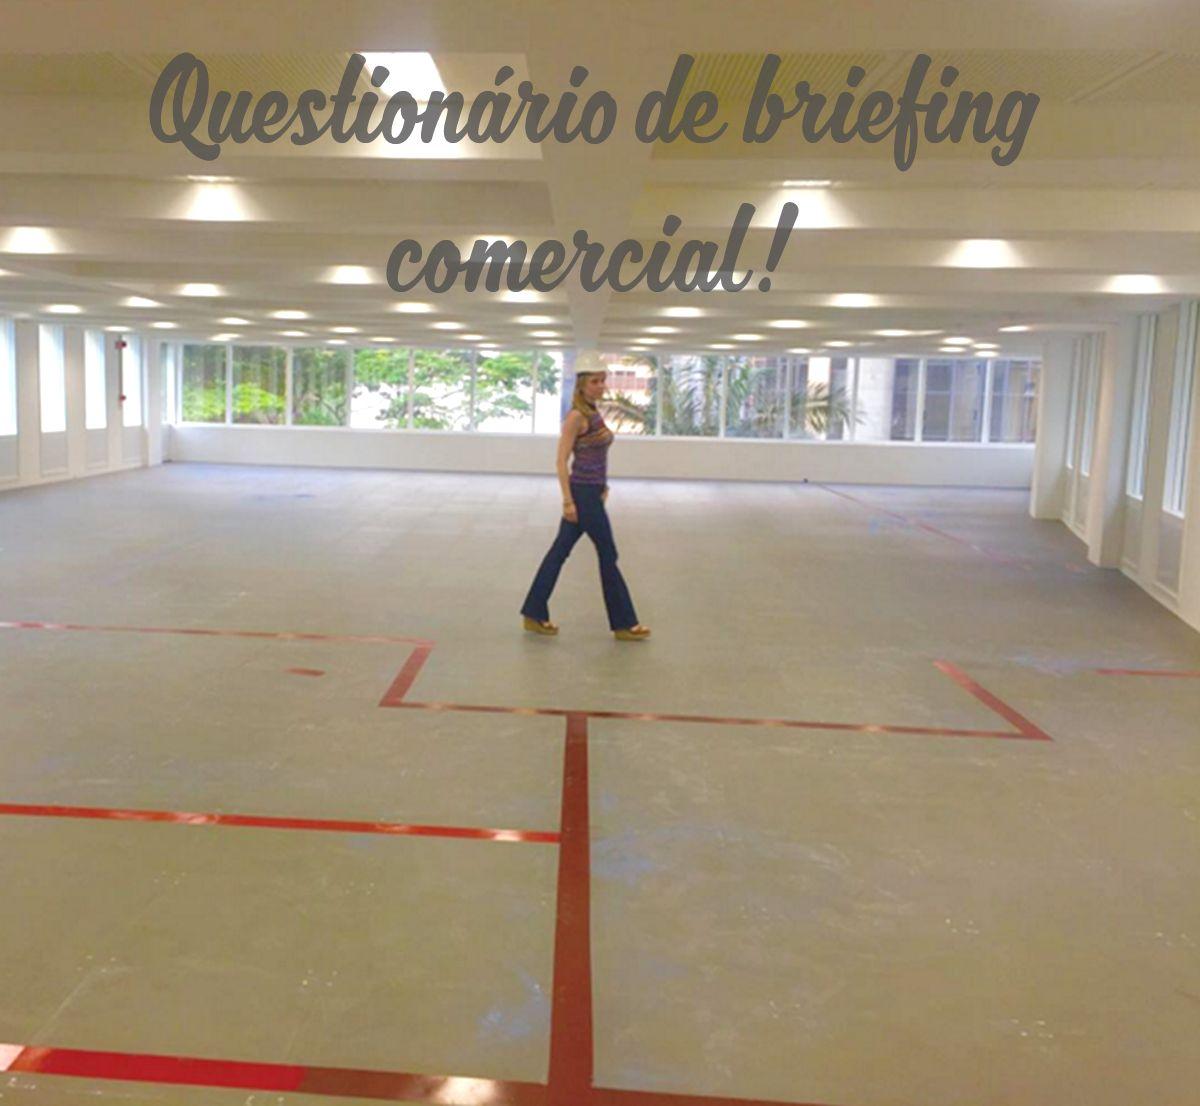 Questionario De Briefing Comercial Camila Klein Questionarios Comercial Loja De Conveniencia